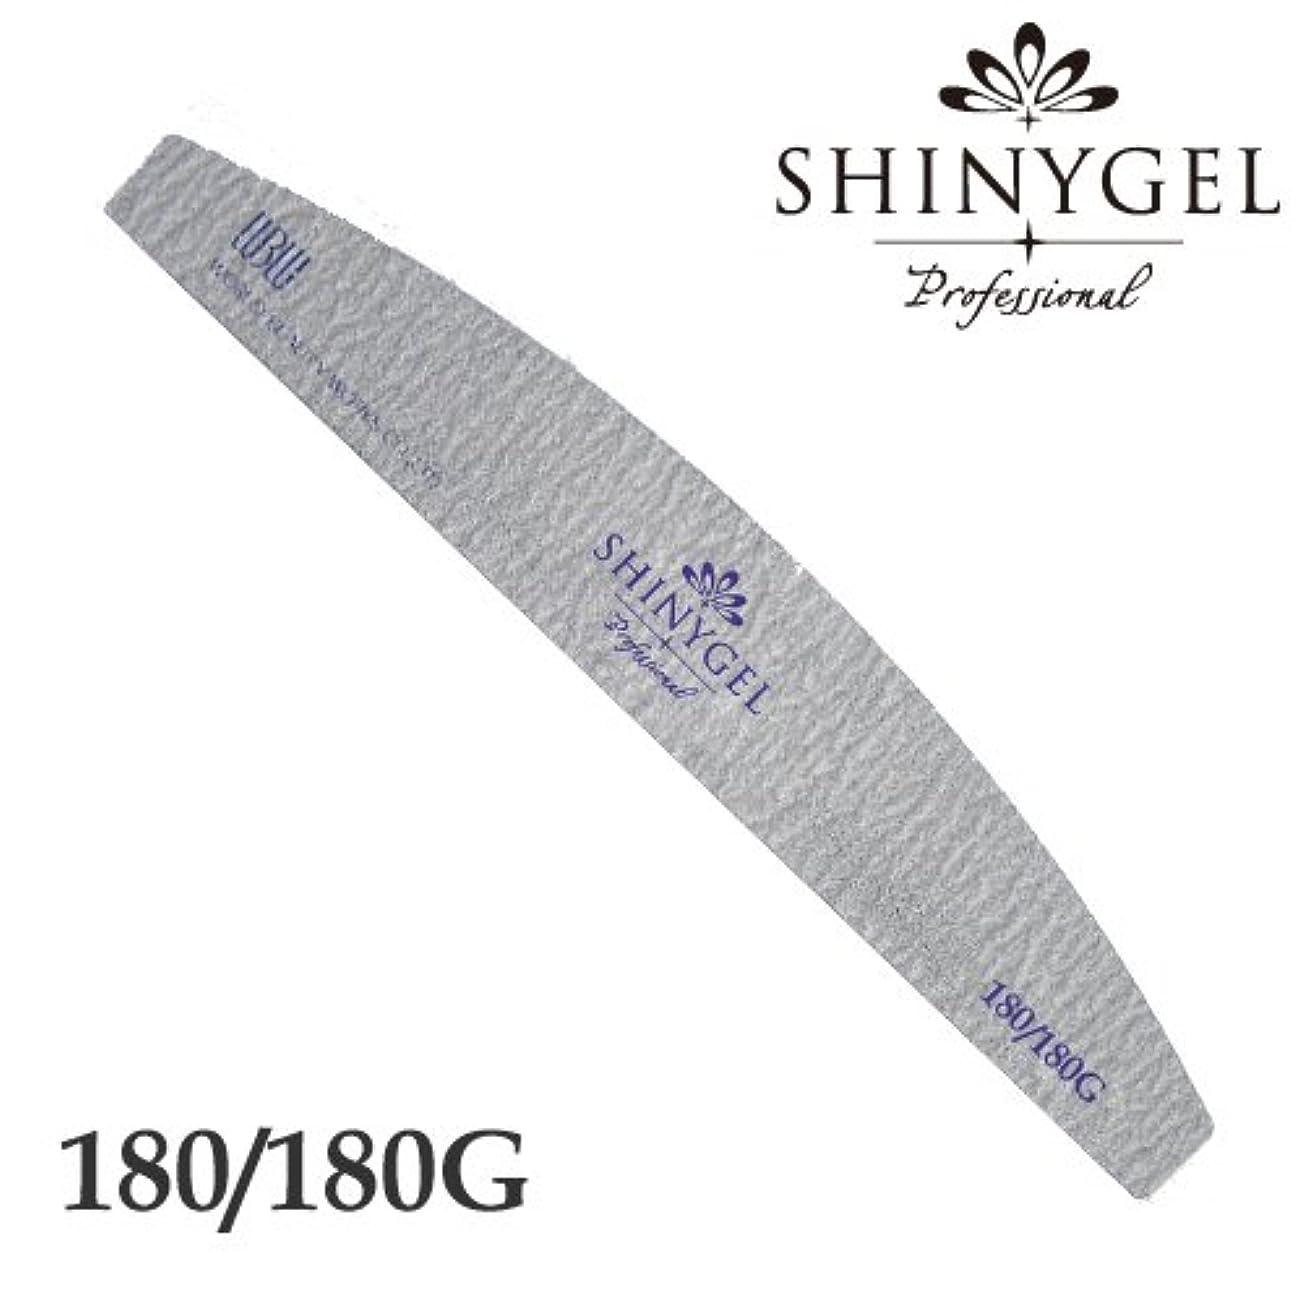 しなければならないヒューマニスティック勤勉なSHINYGEL Professional シャイニージェルプロフェッショナル ゼブラファイル ホワイト(アーチ型) 180/180G ジェルネイル 爪やすり